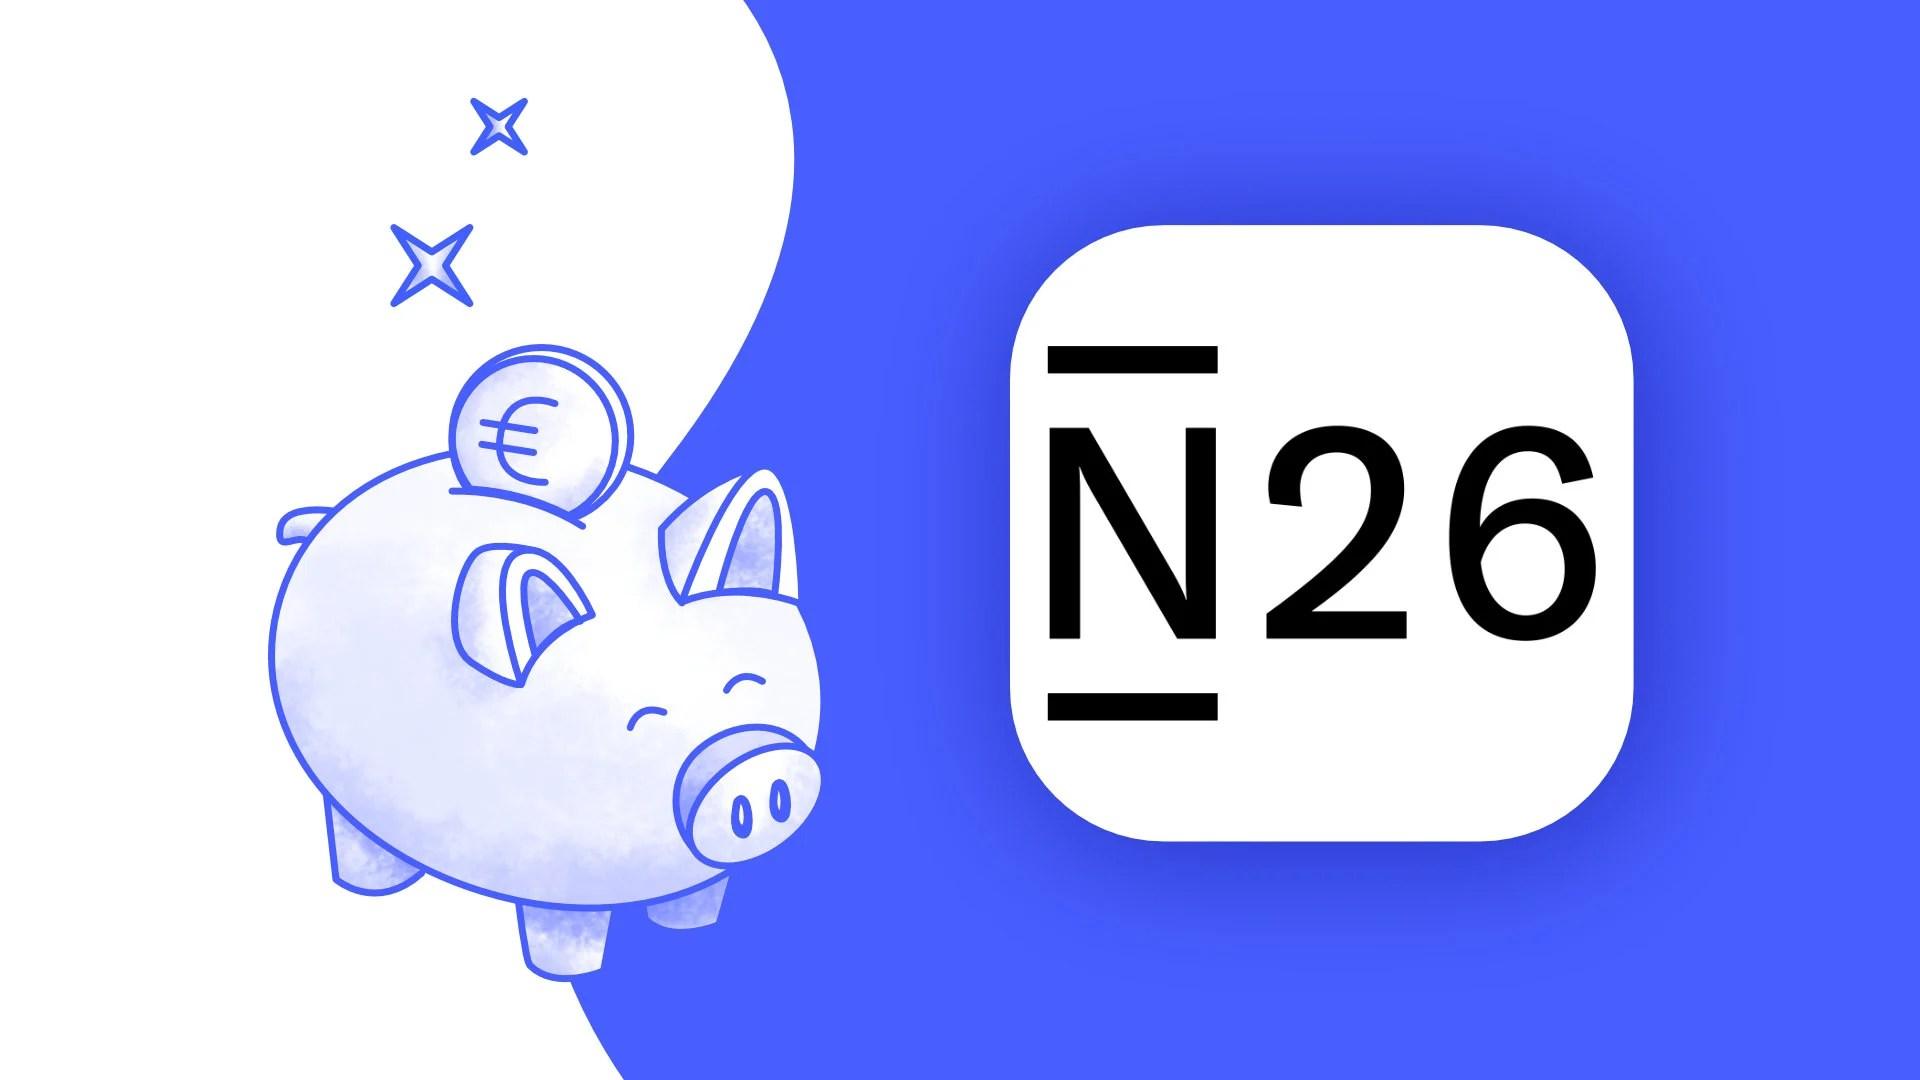 Notre avis sur N26